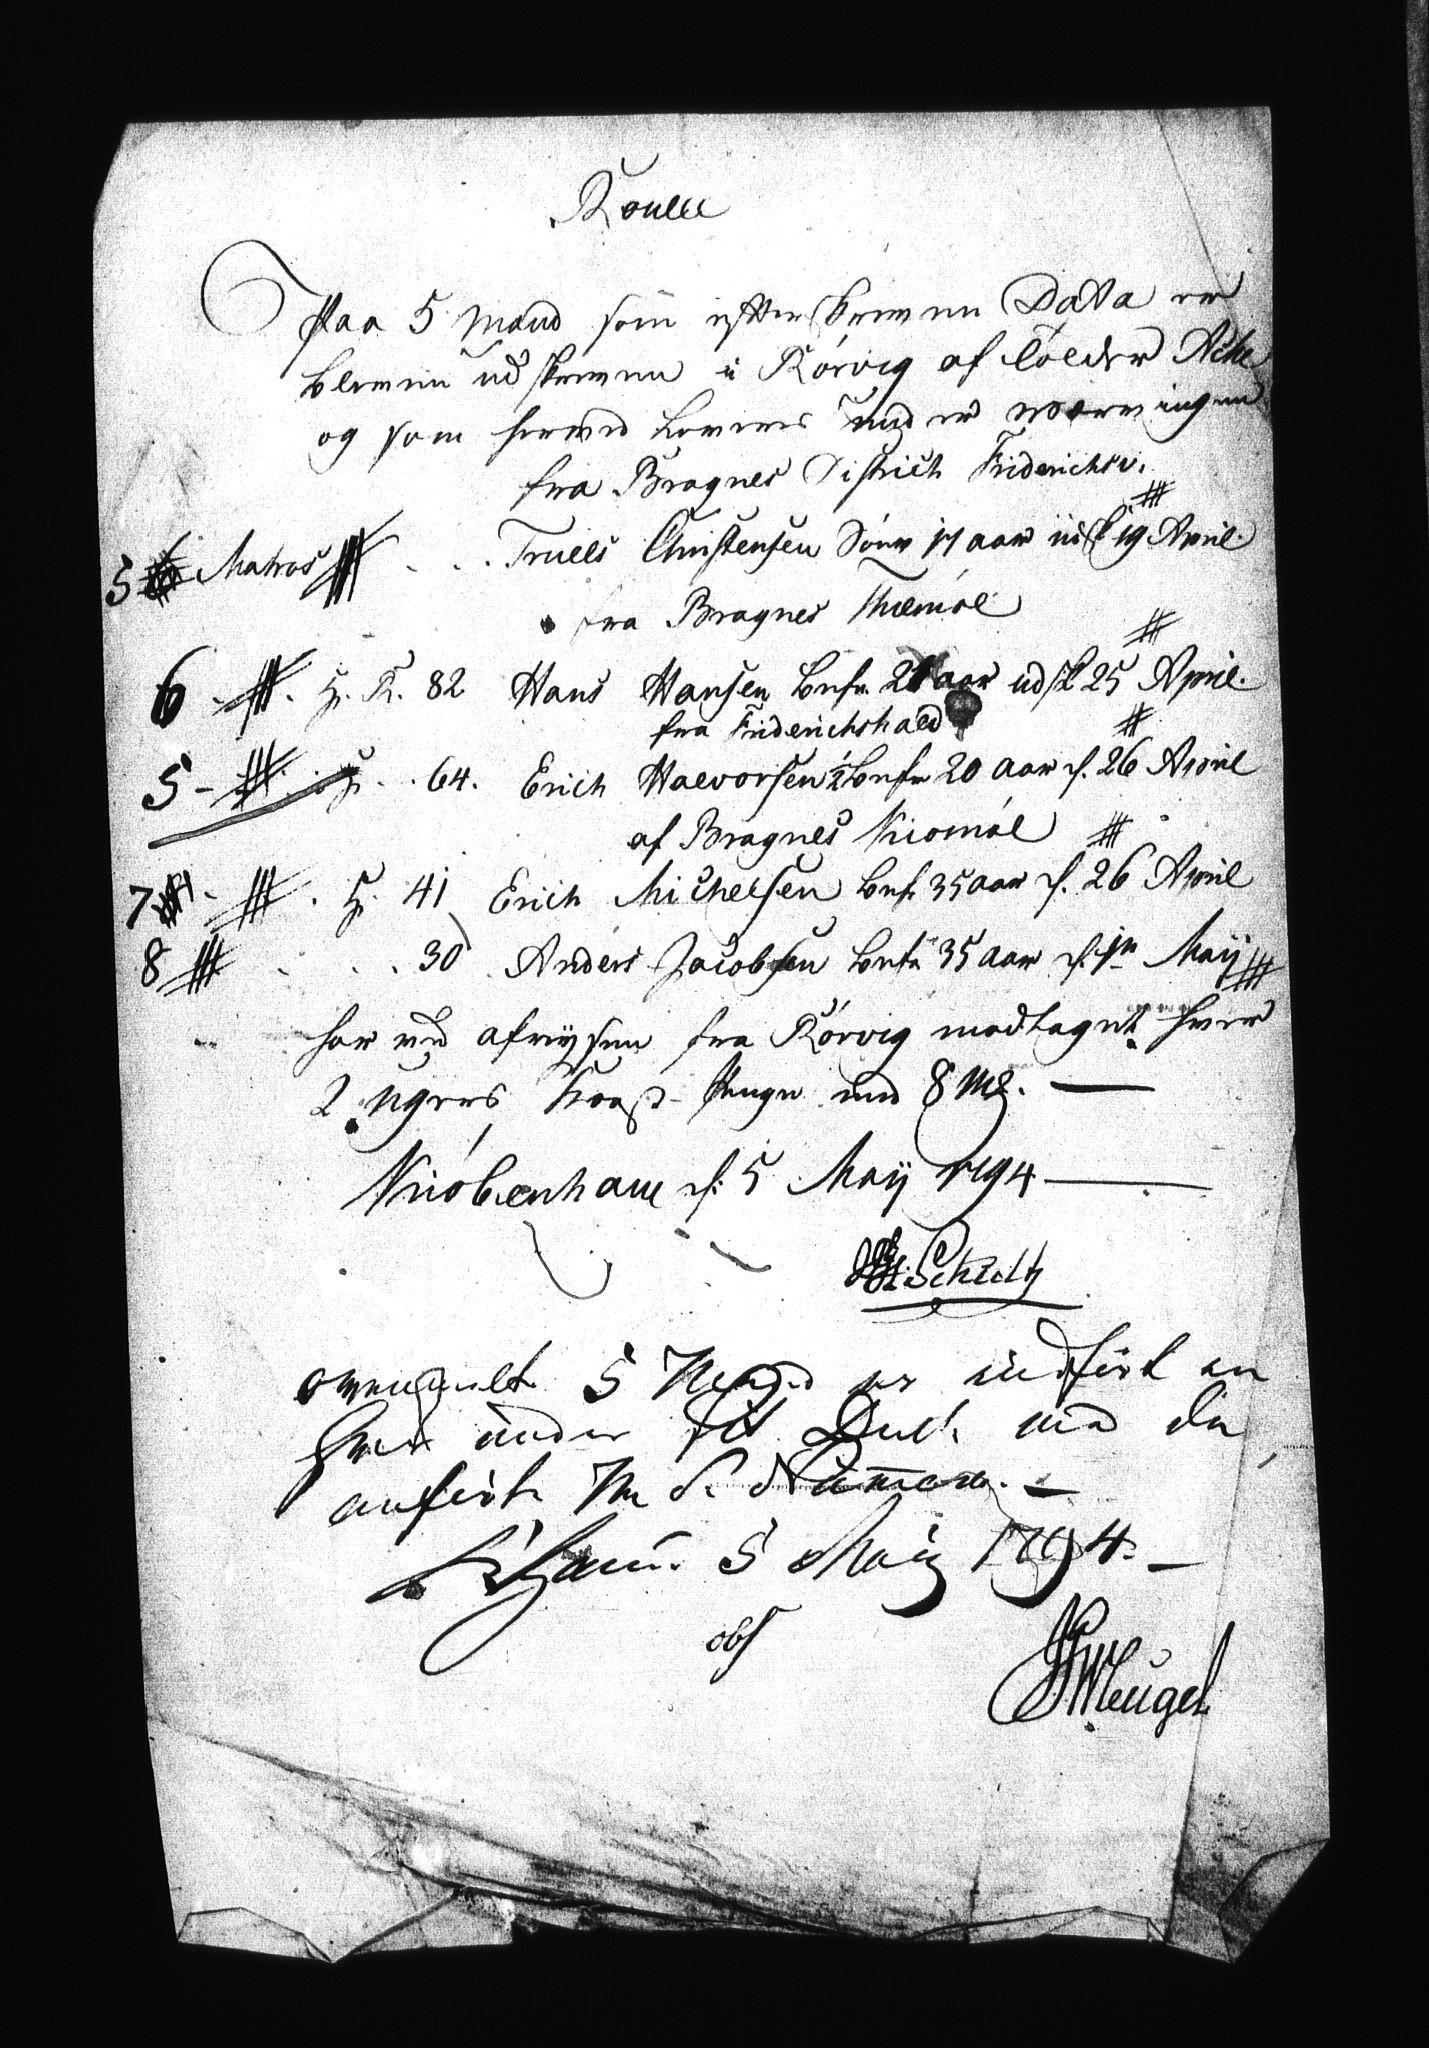 RA, Sjøetaten, F/L0018: Kristiansand distrikt, bind 2, 1794